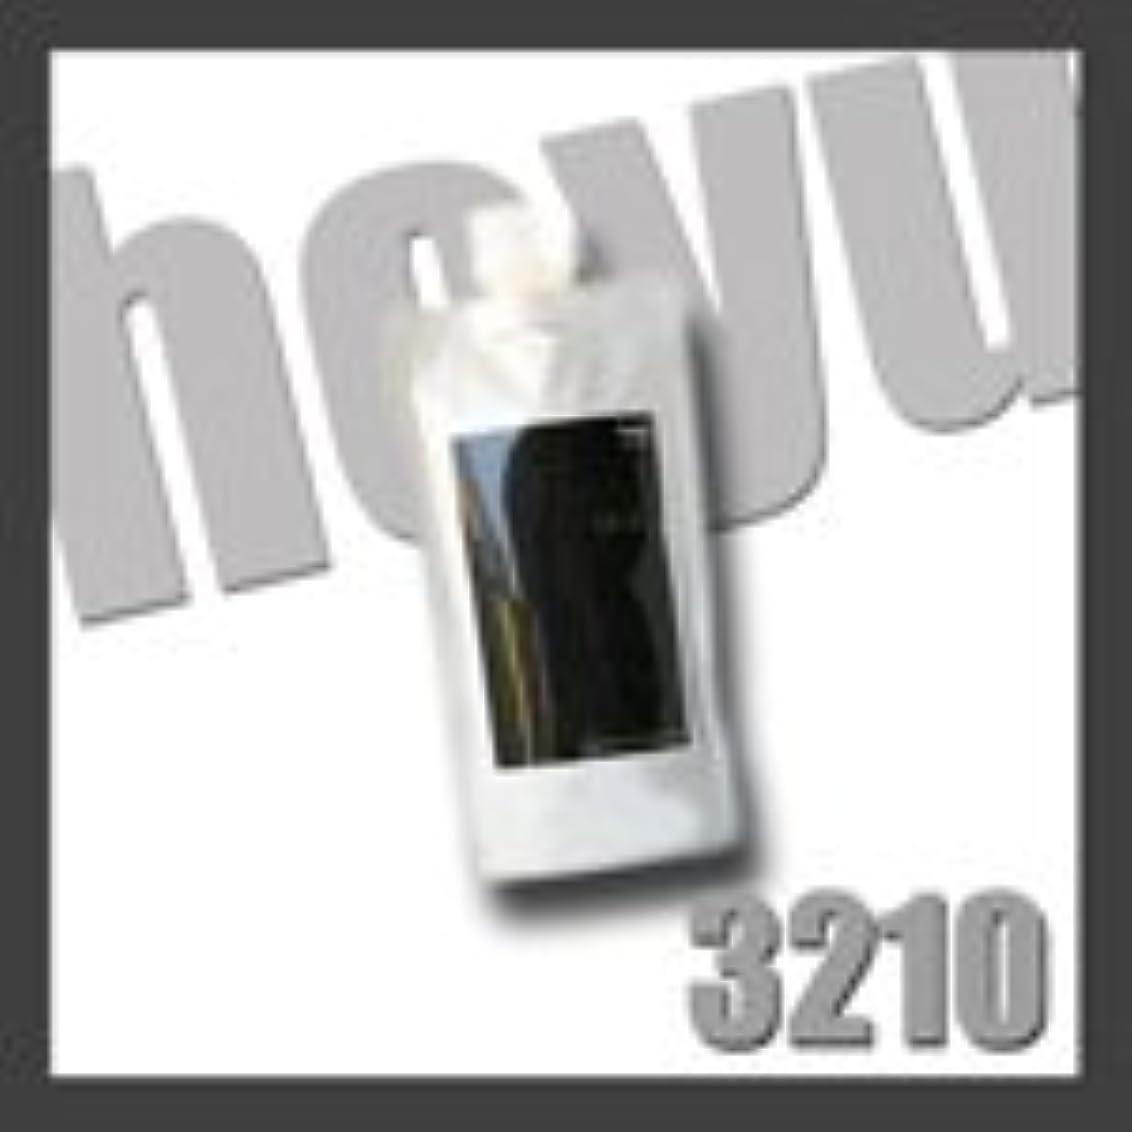 揃える黙安定しましたHOYU ホーユー 3210 ミニーレ ウルトラハード ワックス レフィル 200g 詰替用 フィニッシュワークシリーズ